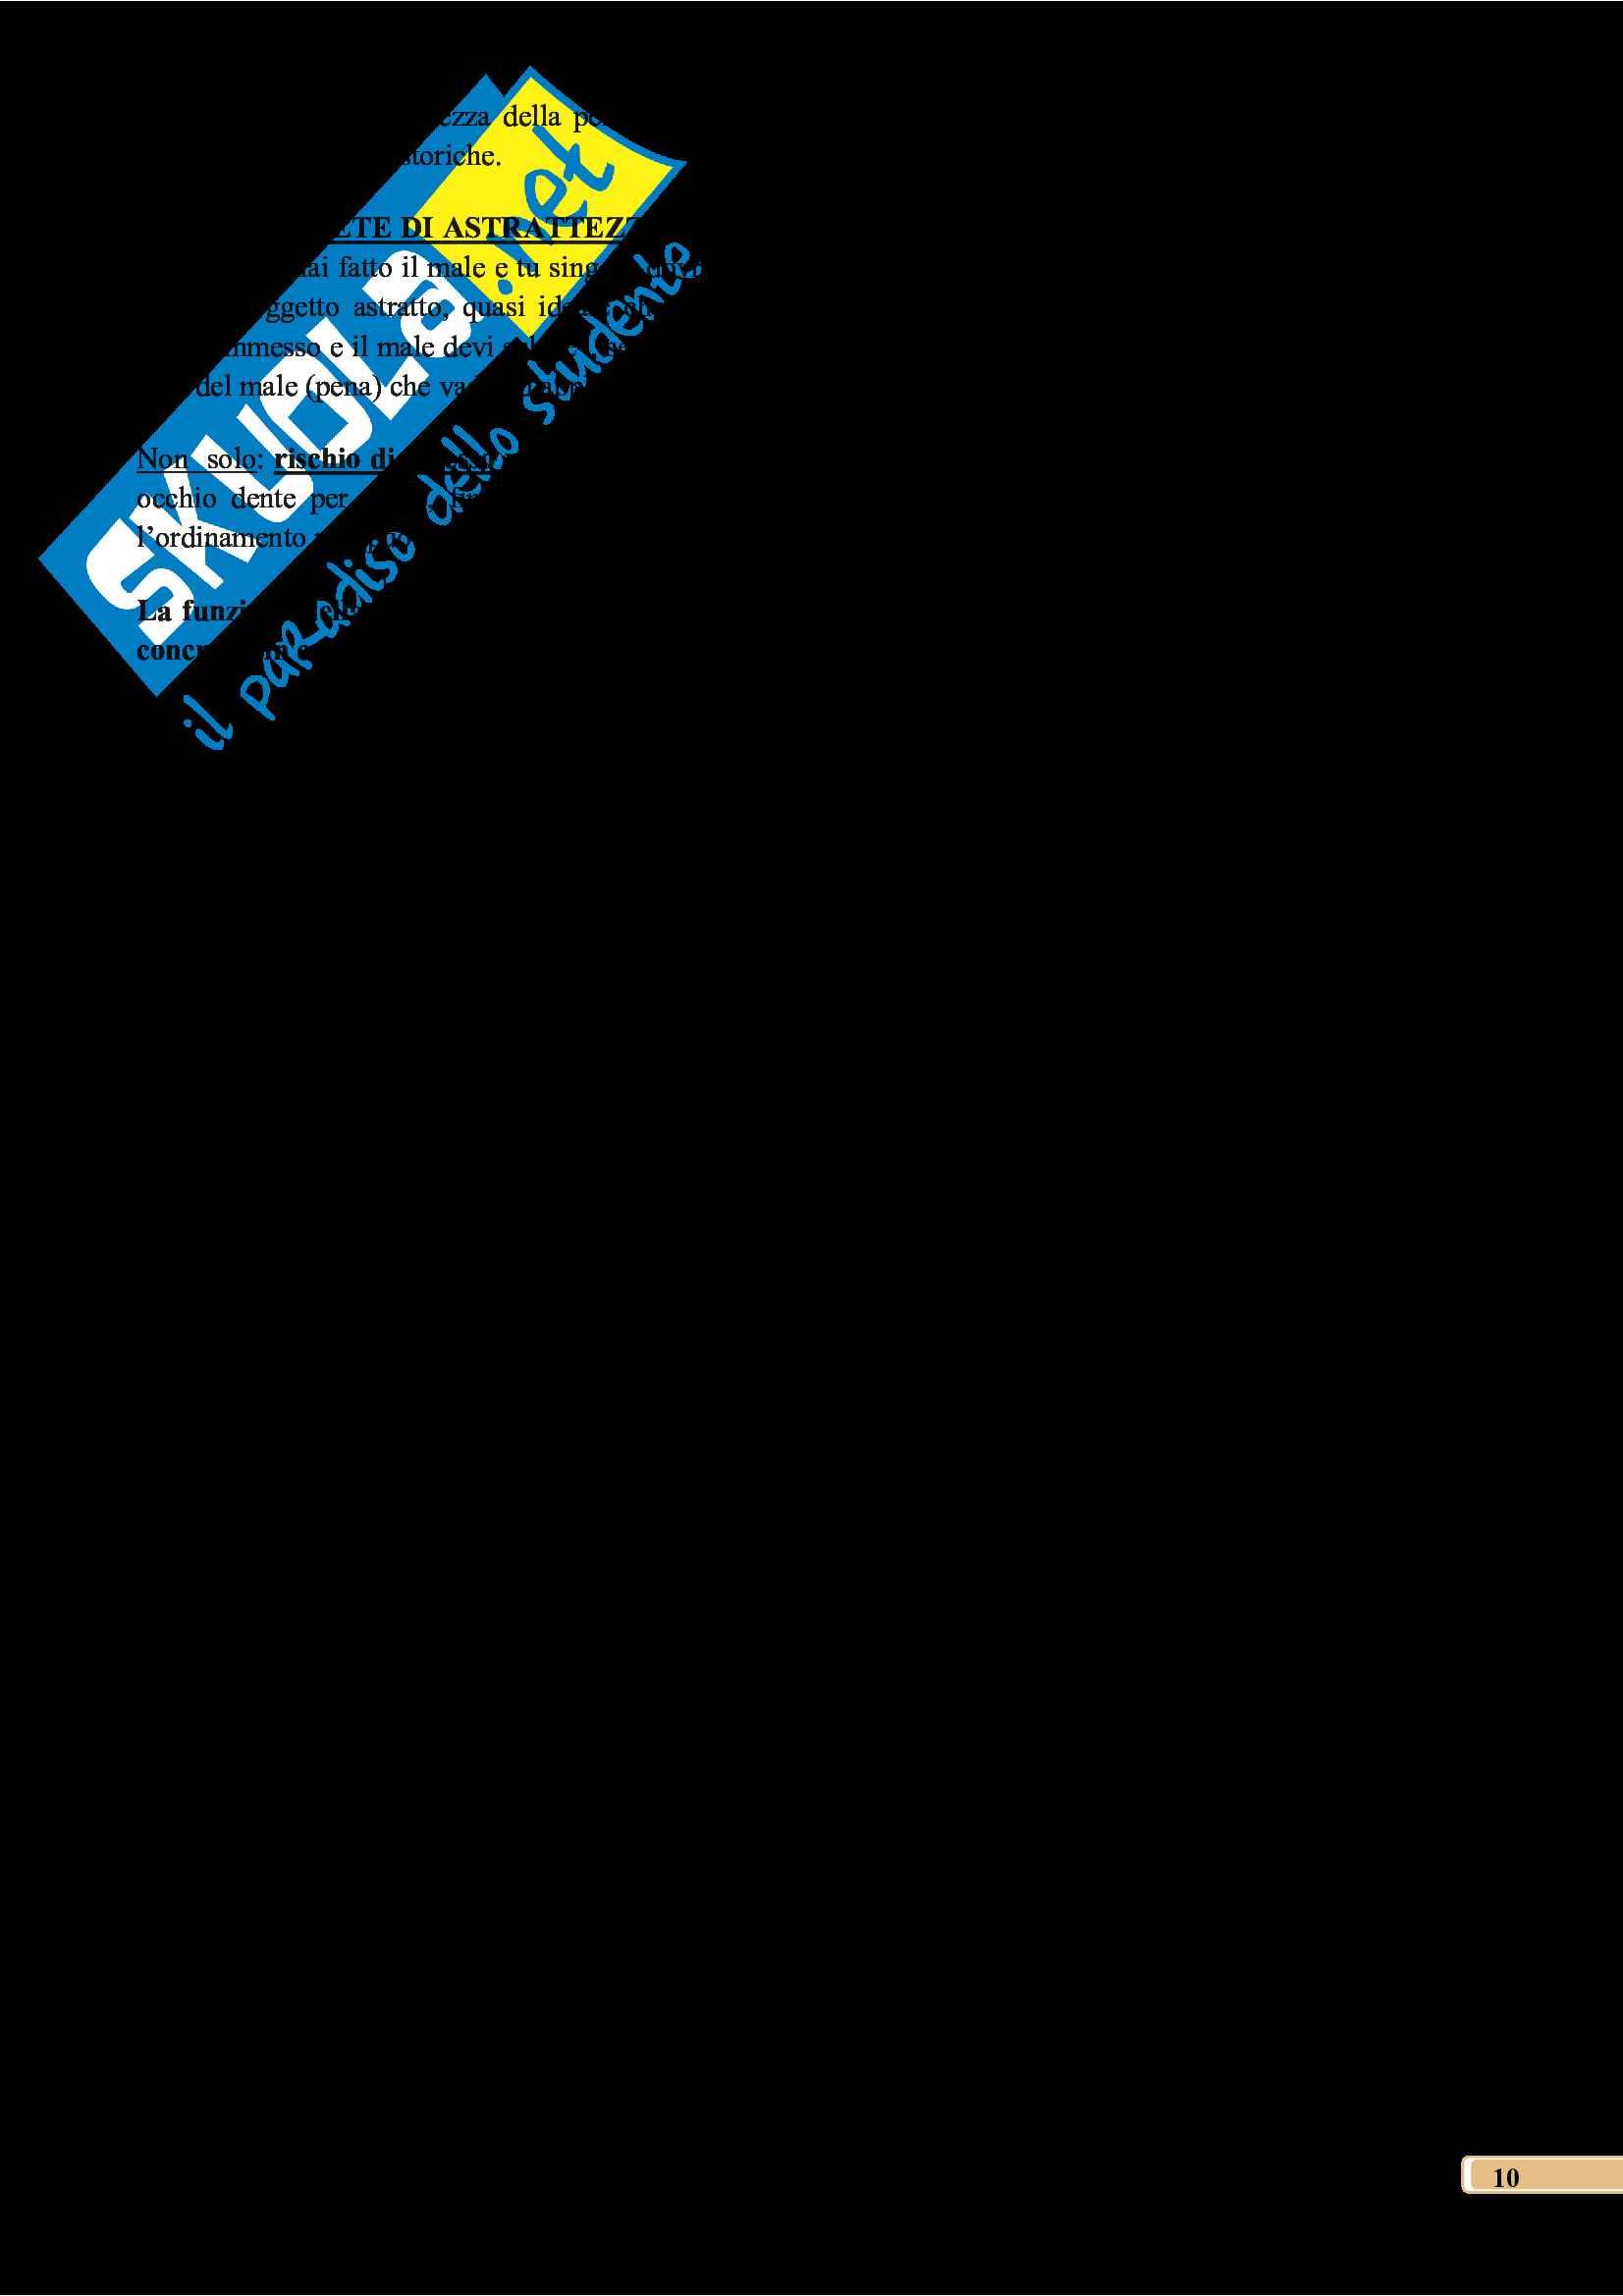 Riassunto esame di diritto penale, docente Bartoli, libro consigliato Corso di diritto penale, Parte Generale, Sesta edizione, Palazzo Pag. 11